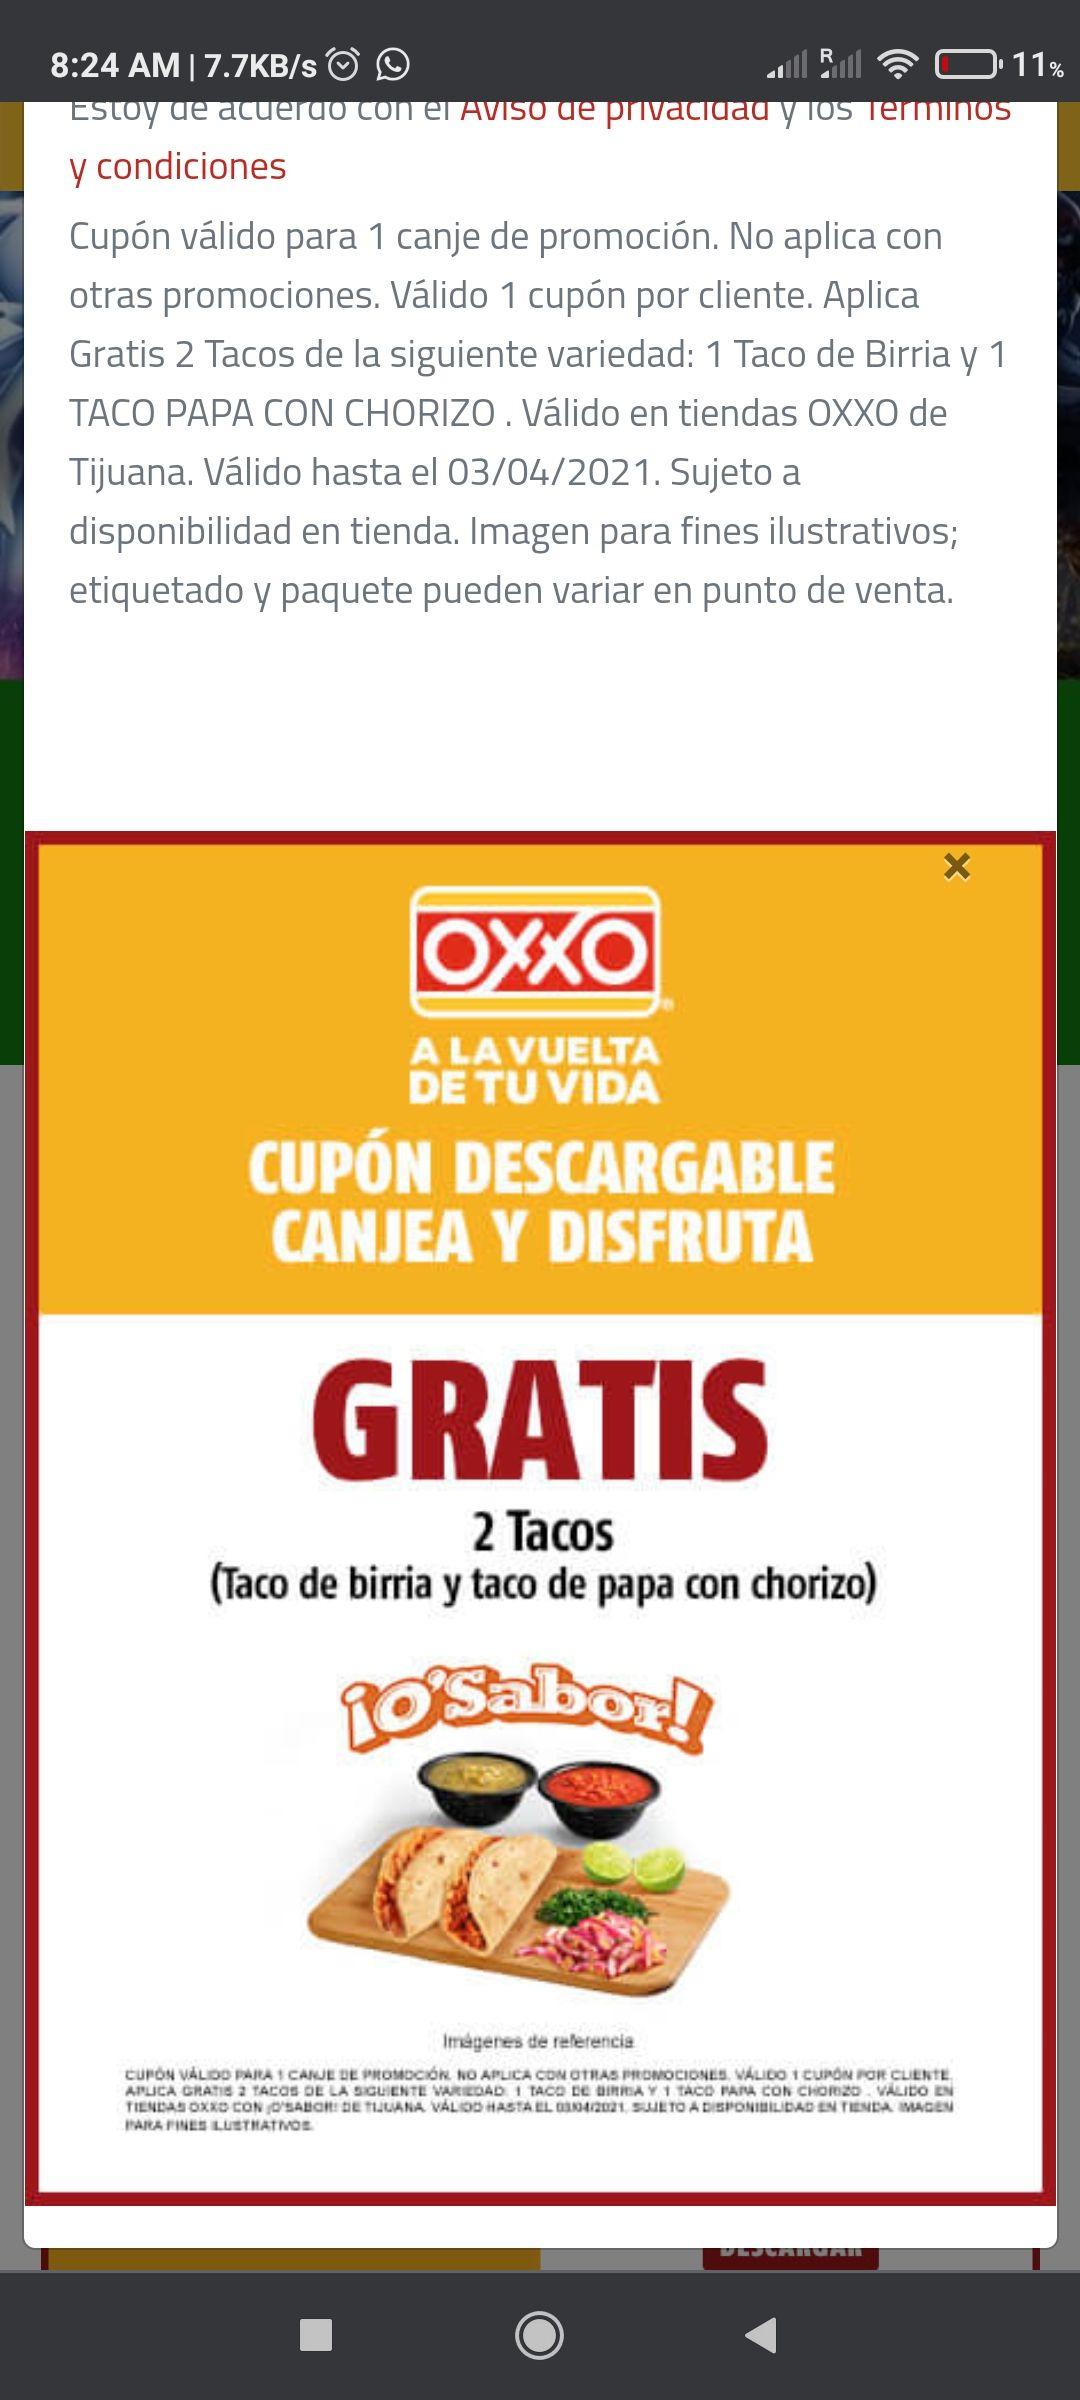 Oxxo Tijuana: cupon por 2 tacos gratis